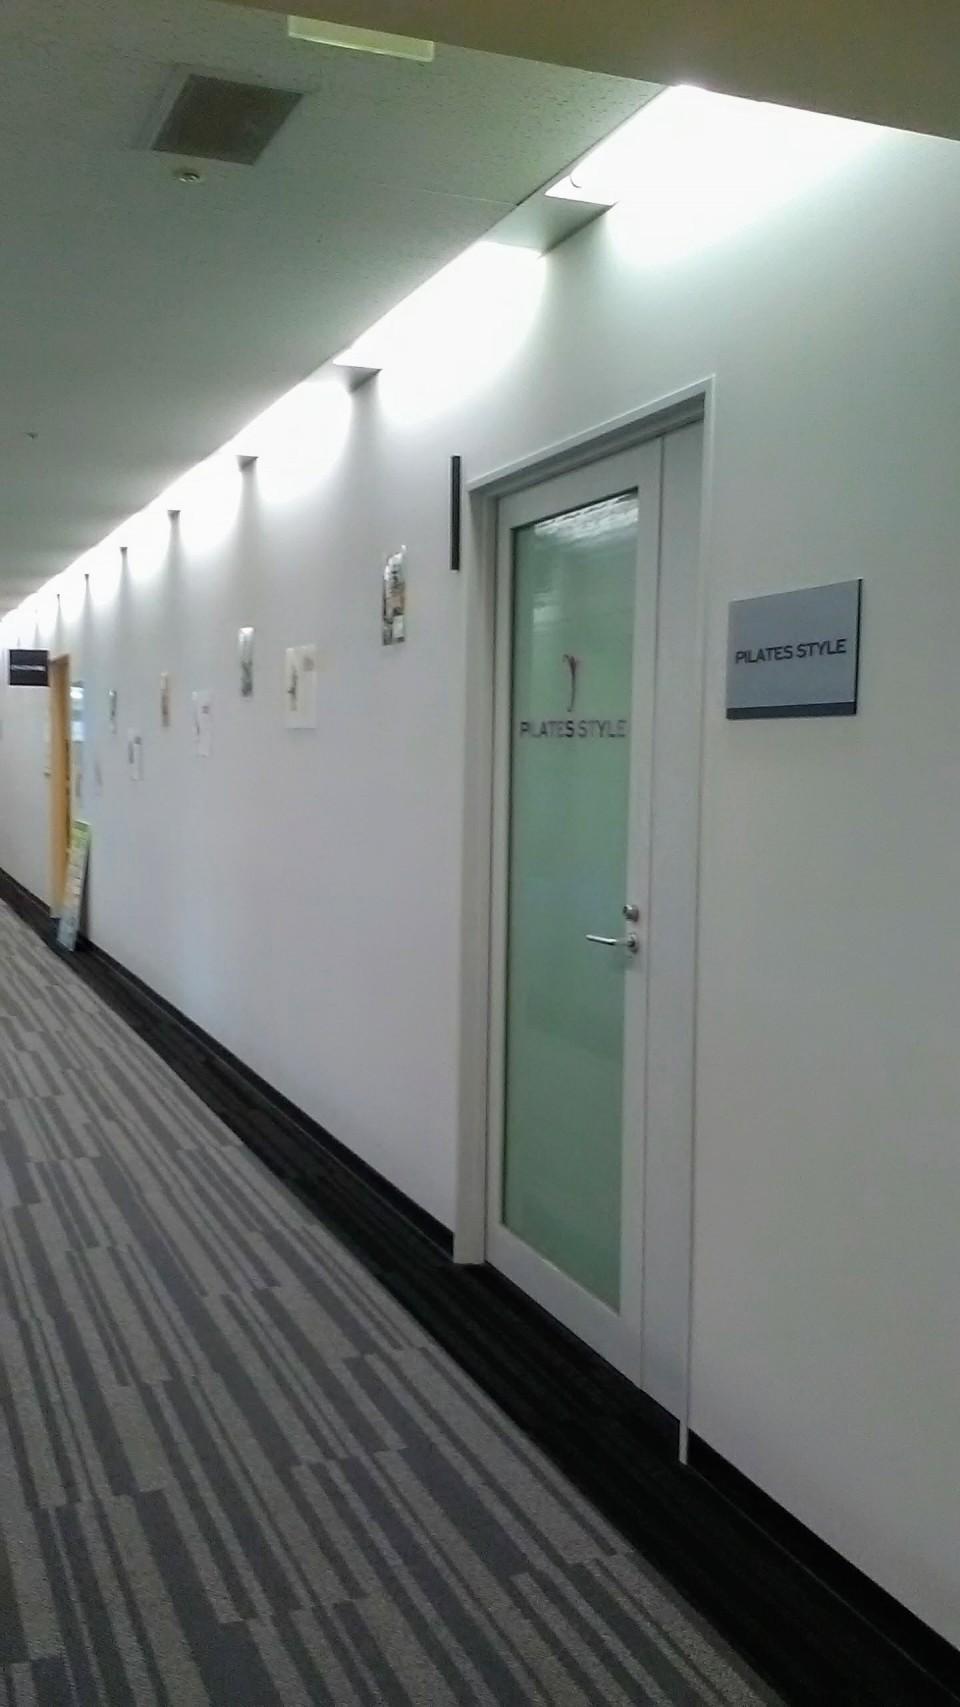 ピラティススタイル 梅田スタジオの写真5